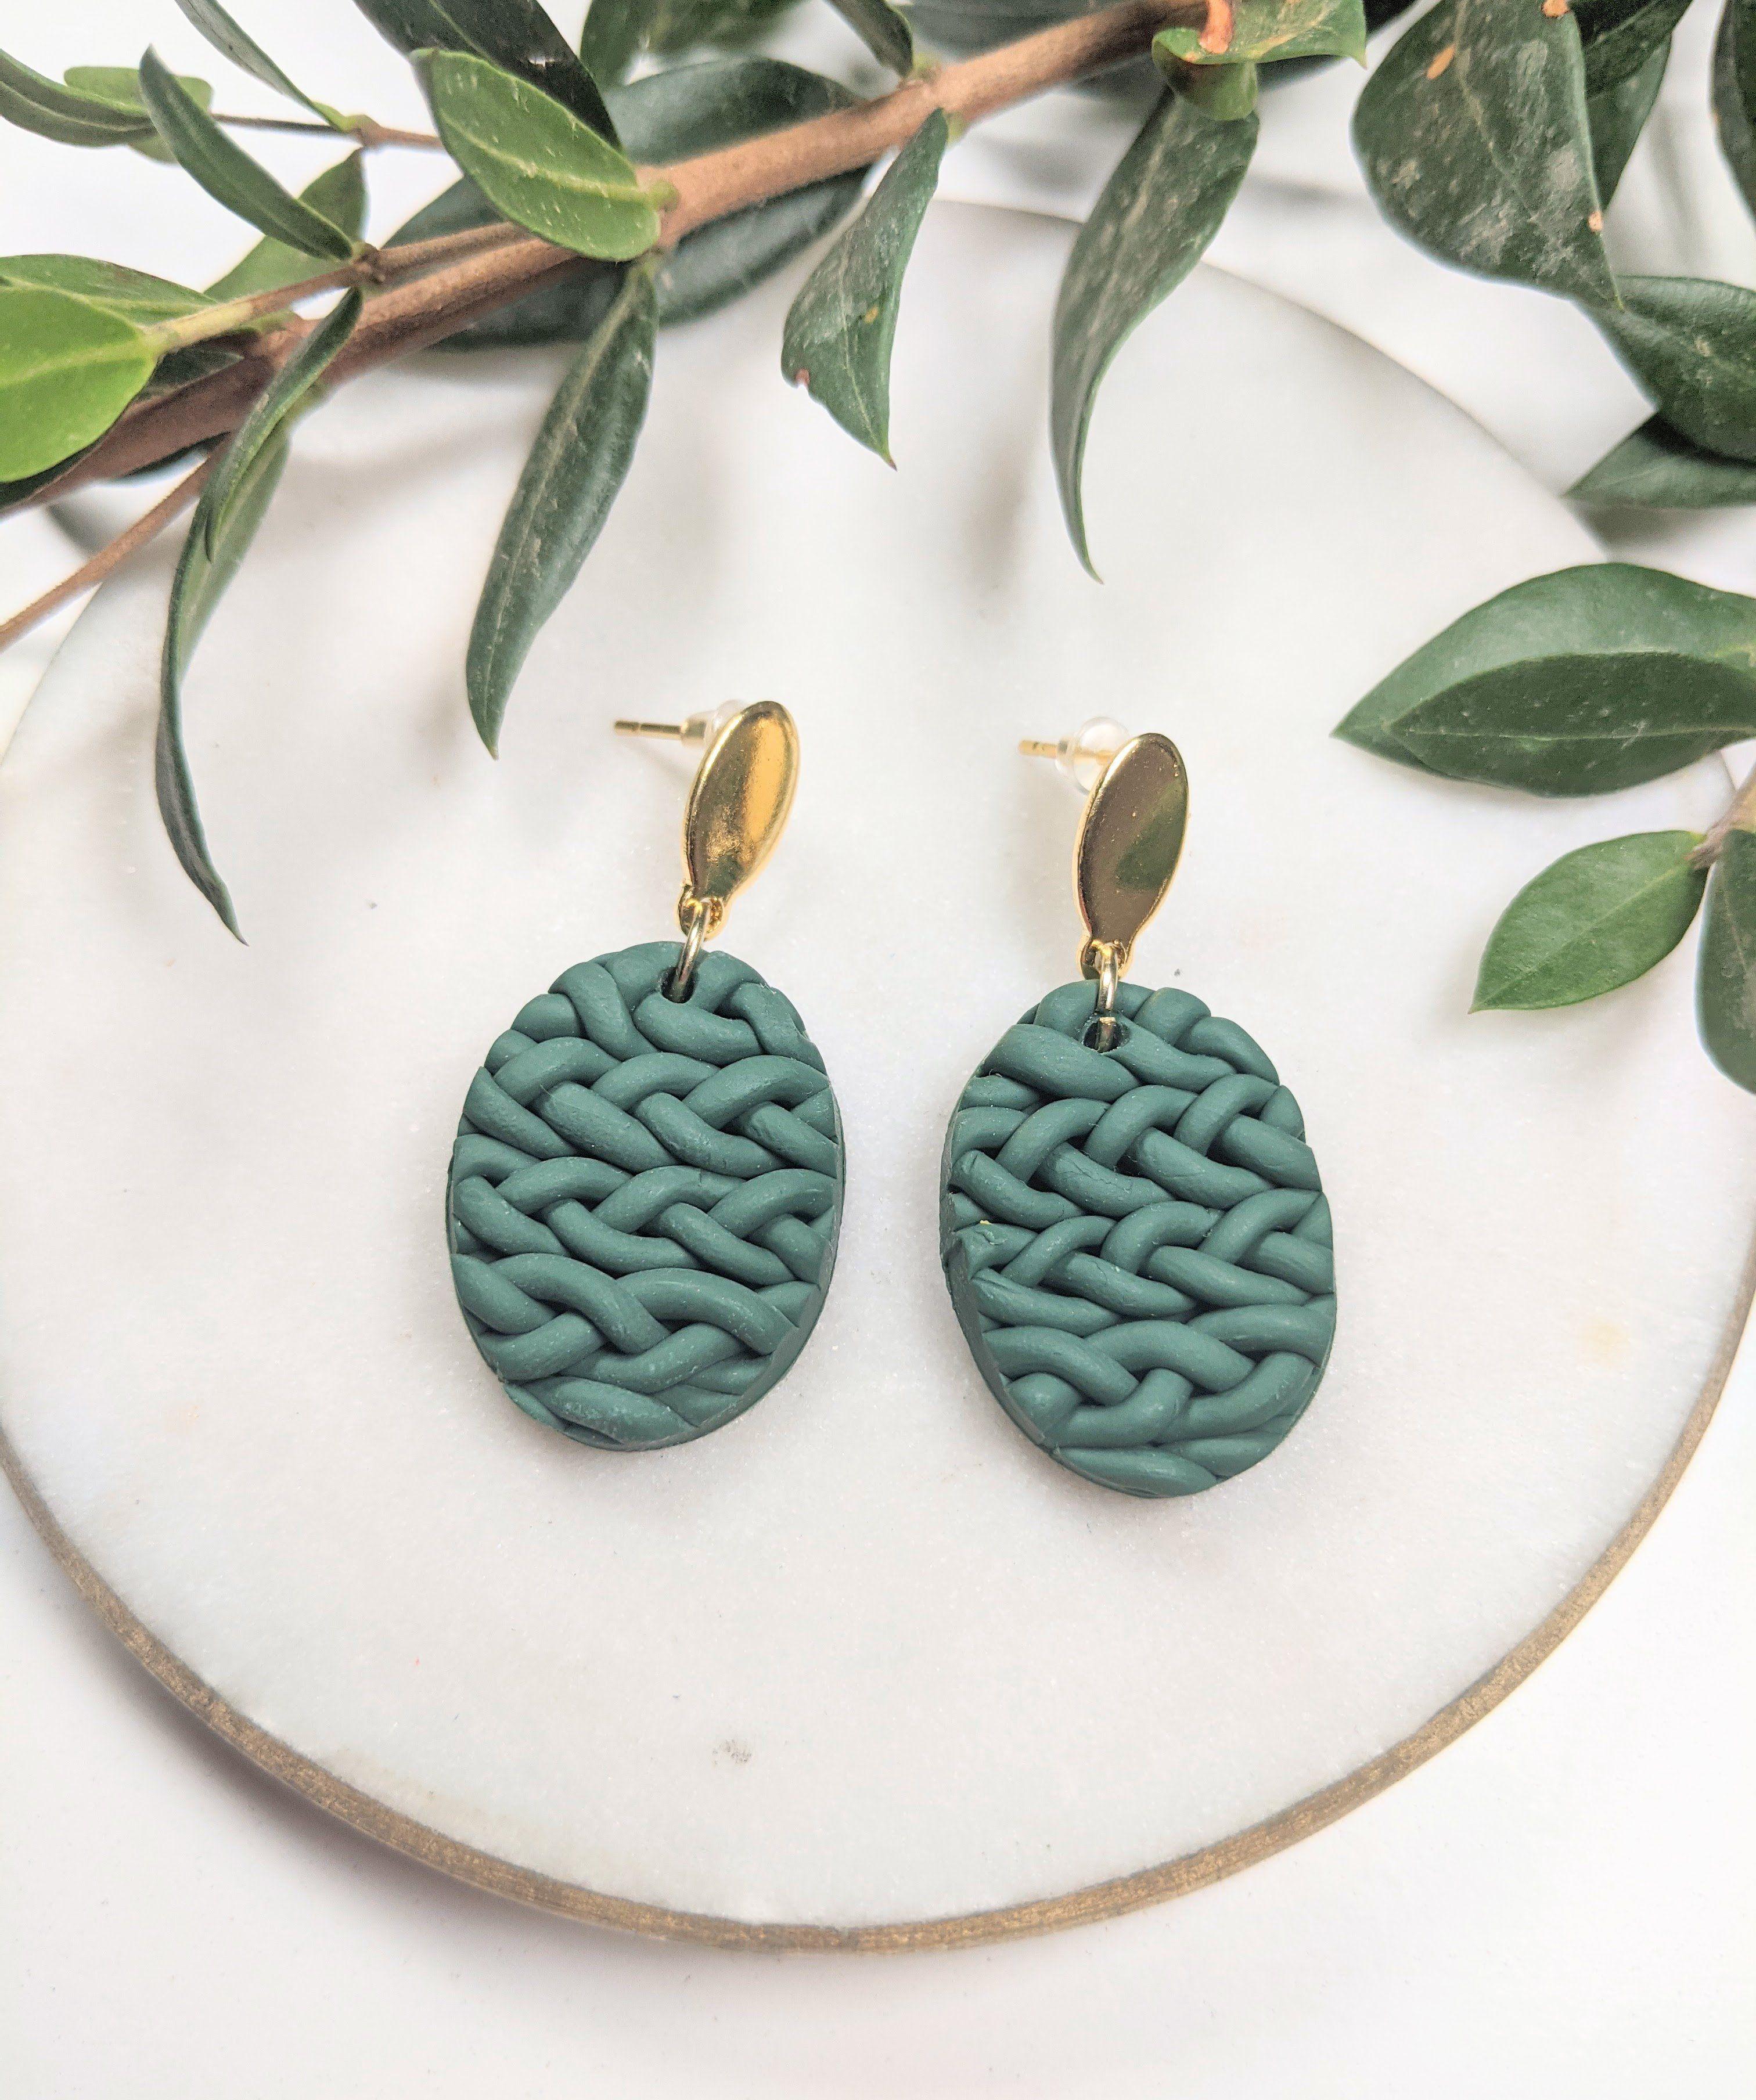 Knit Pattern Pine Green Clay Earrings